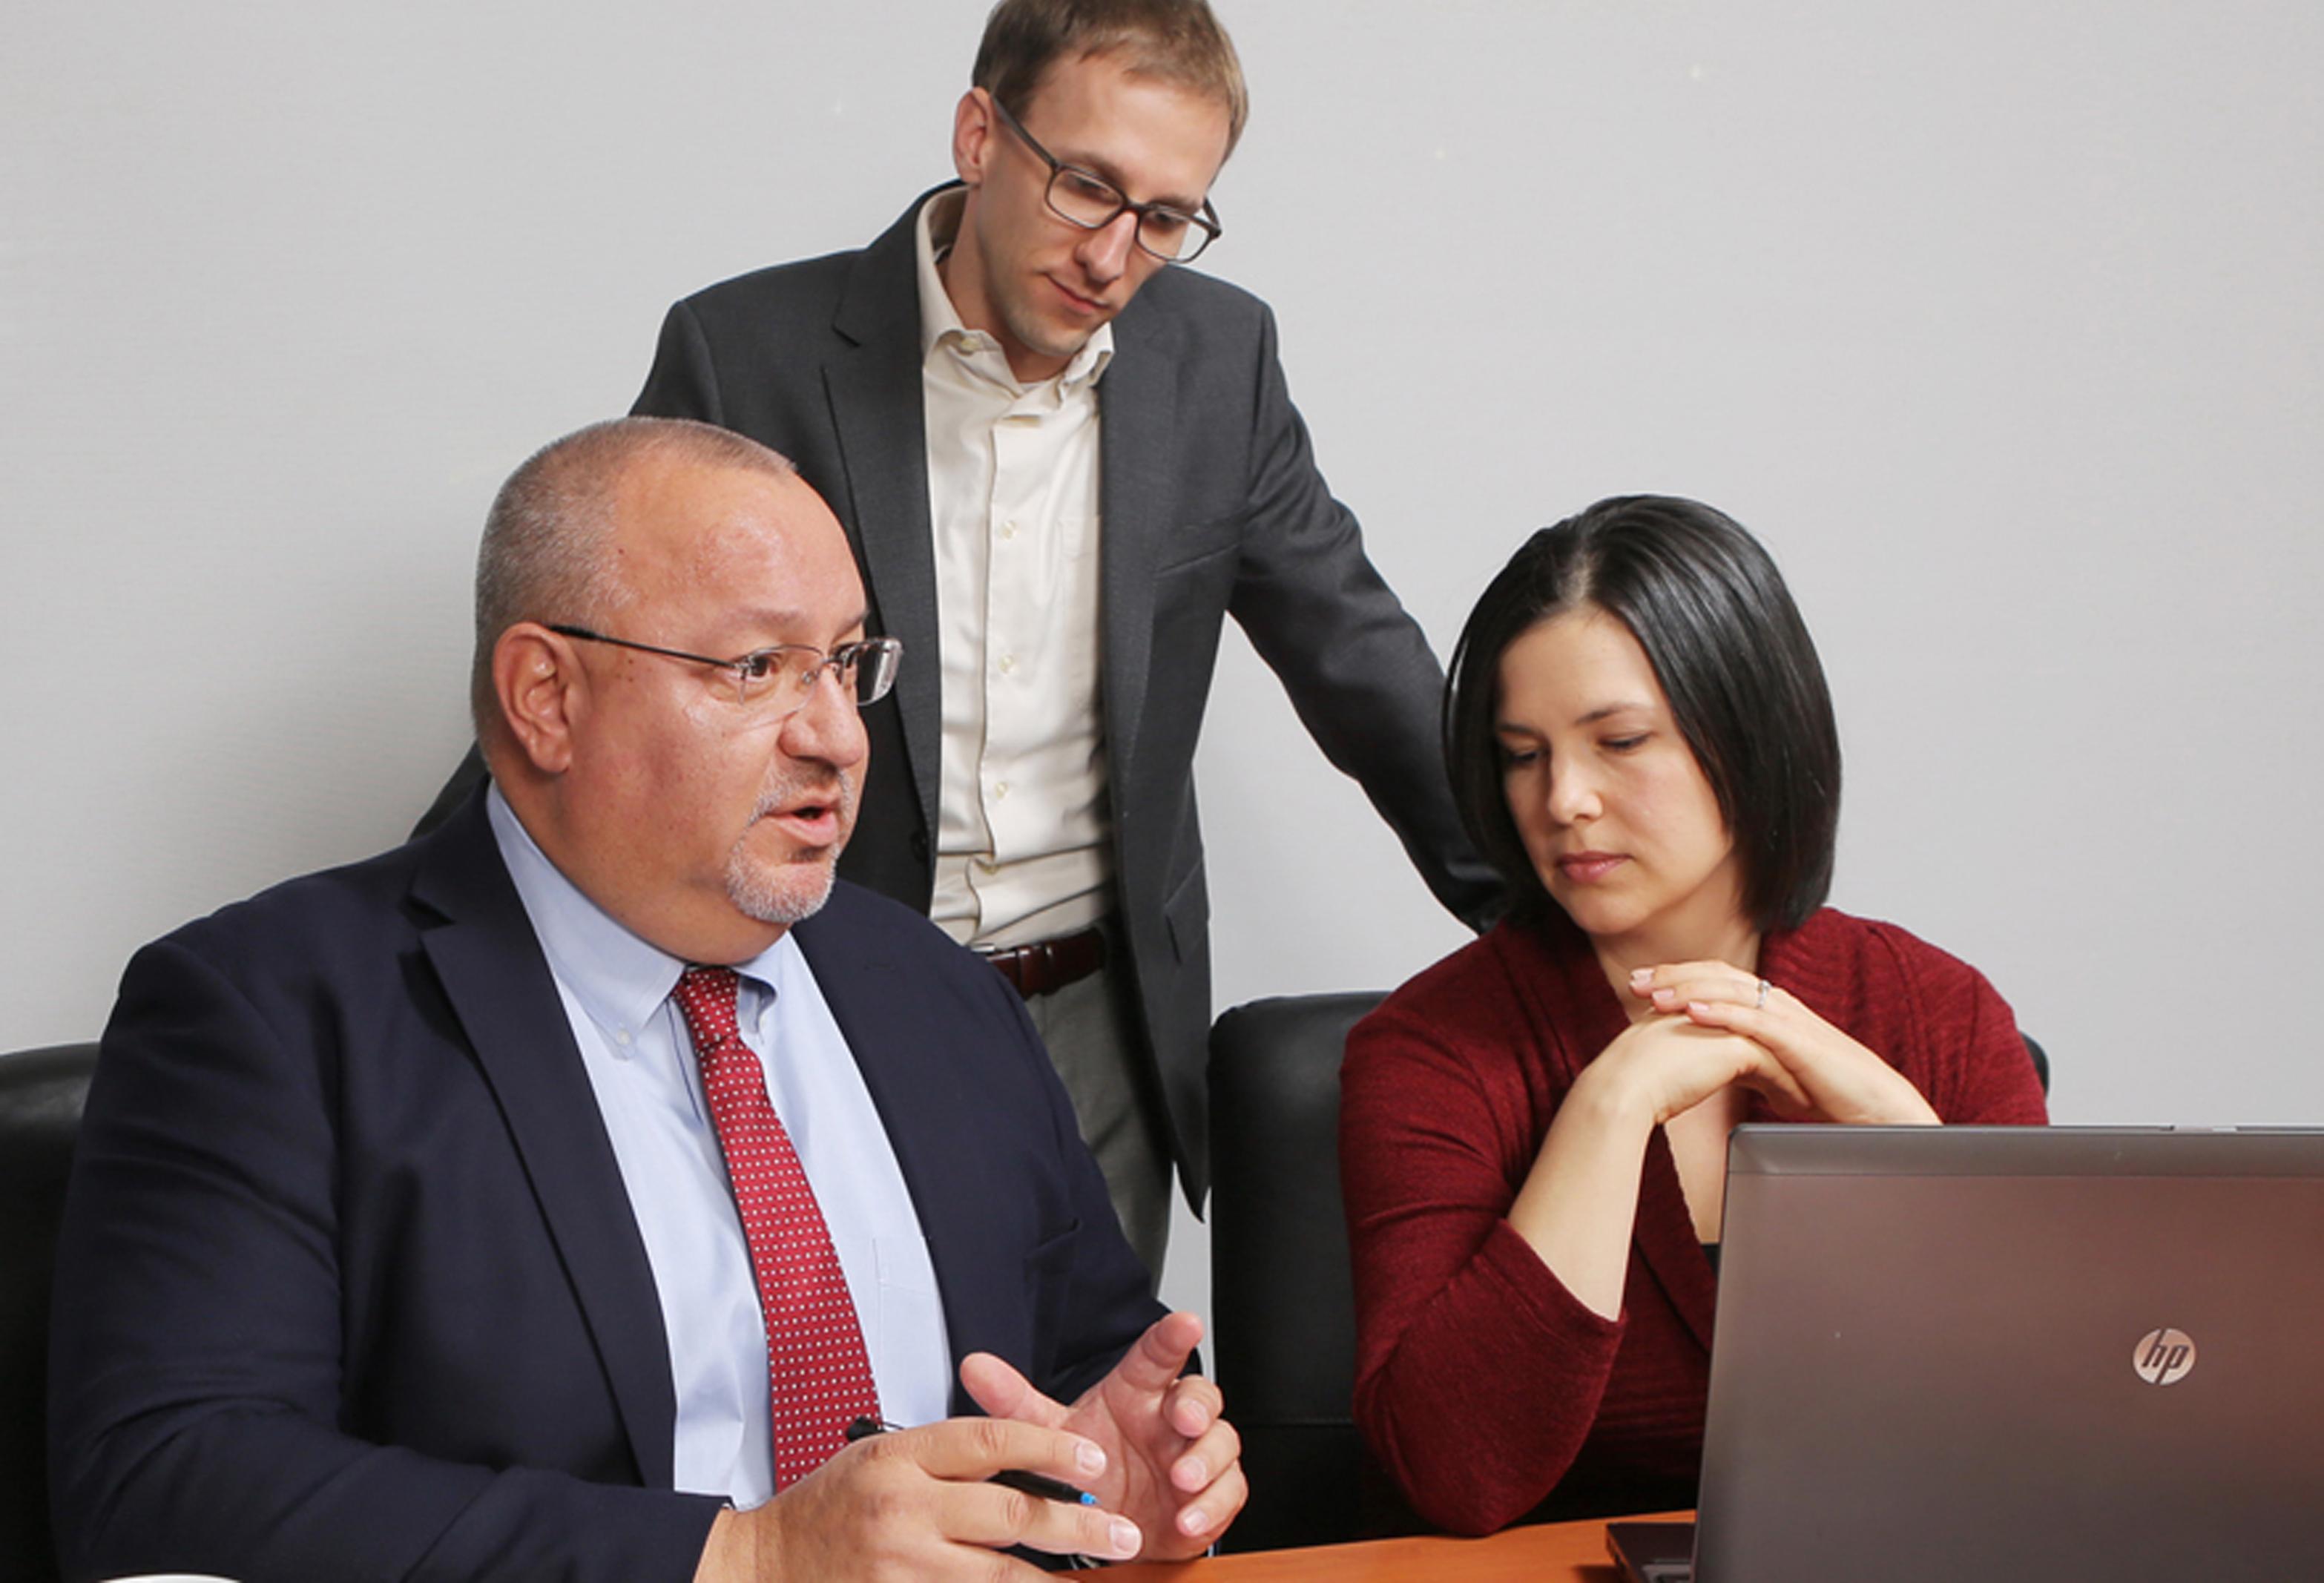 team-meeting-careers